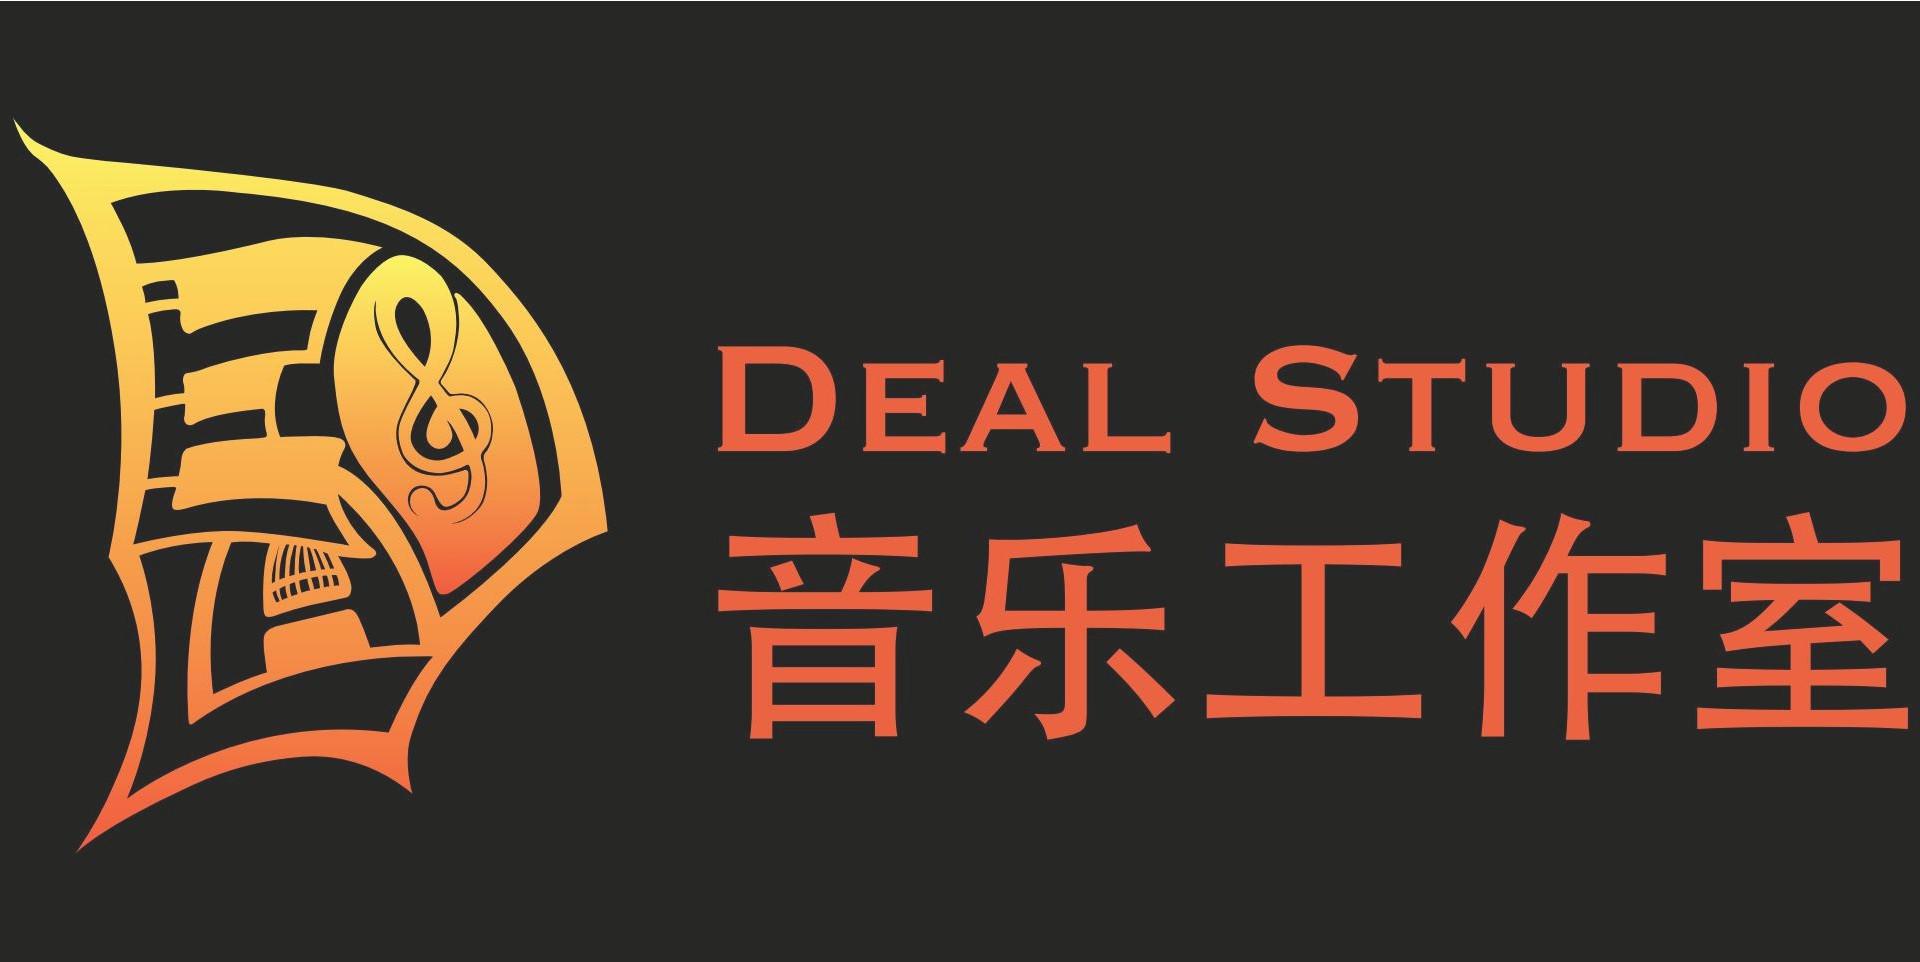 Deal%20Studio%20Logo_black%20bg_ver%202_